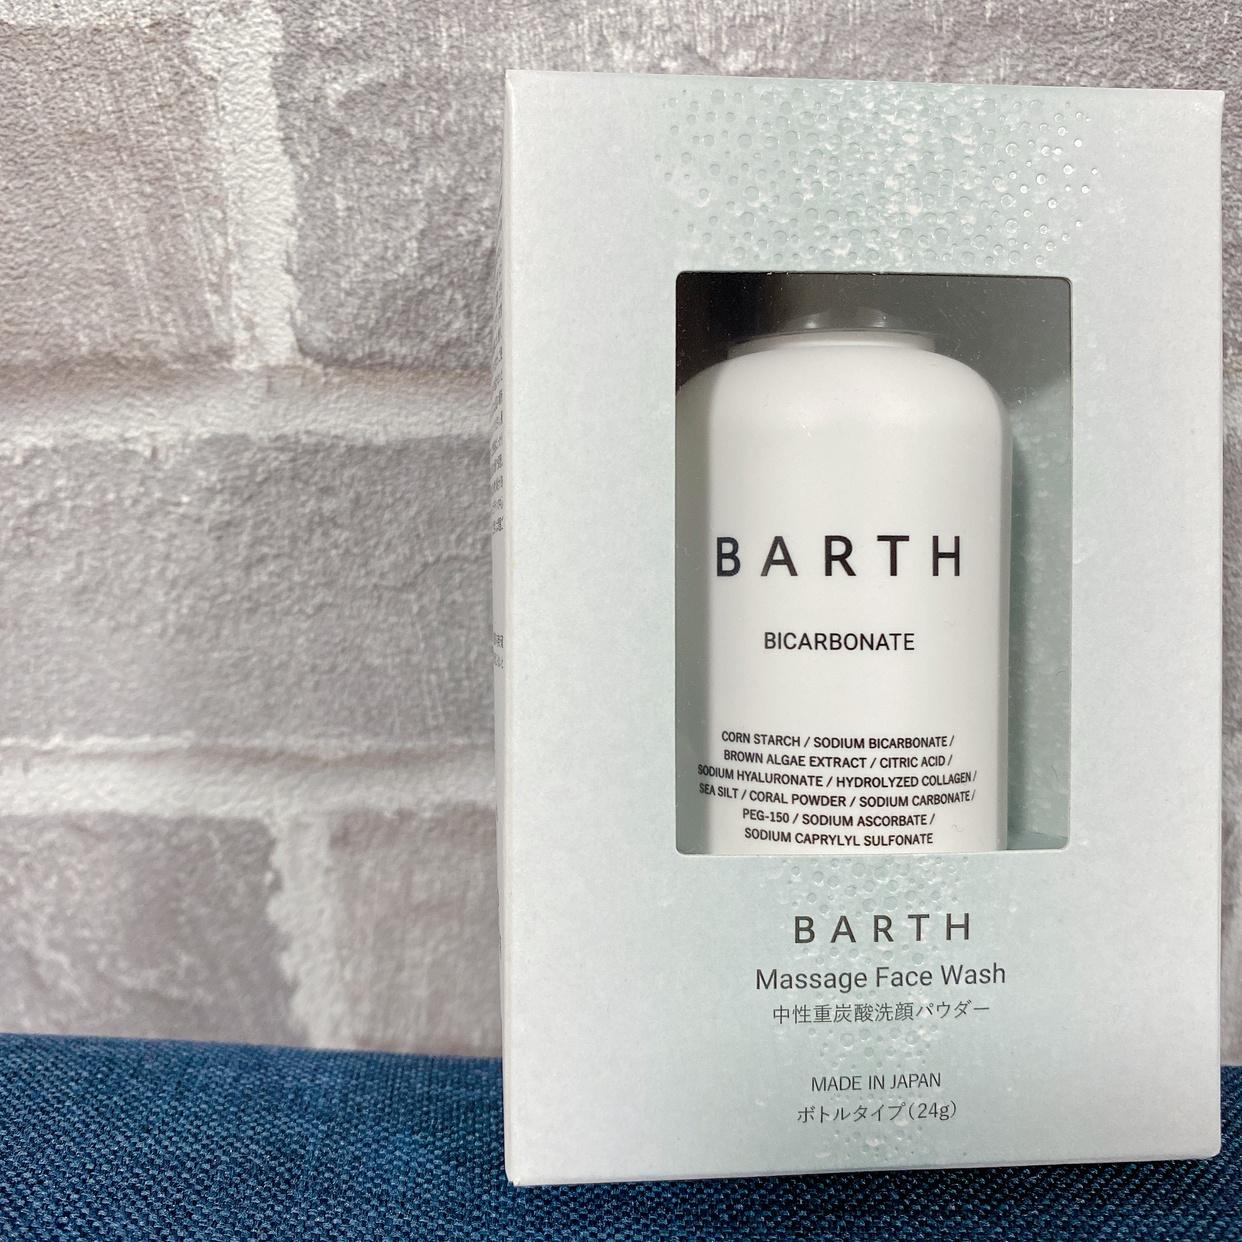 BARTH(バース) 中性重炭酸洗顔パウダーを使ったちーこすさんのクチコミ画像2